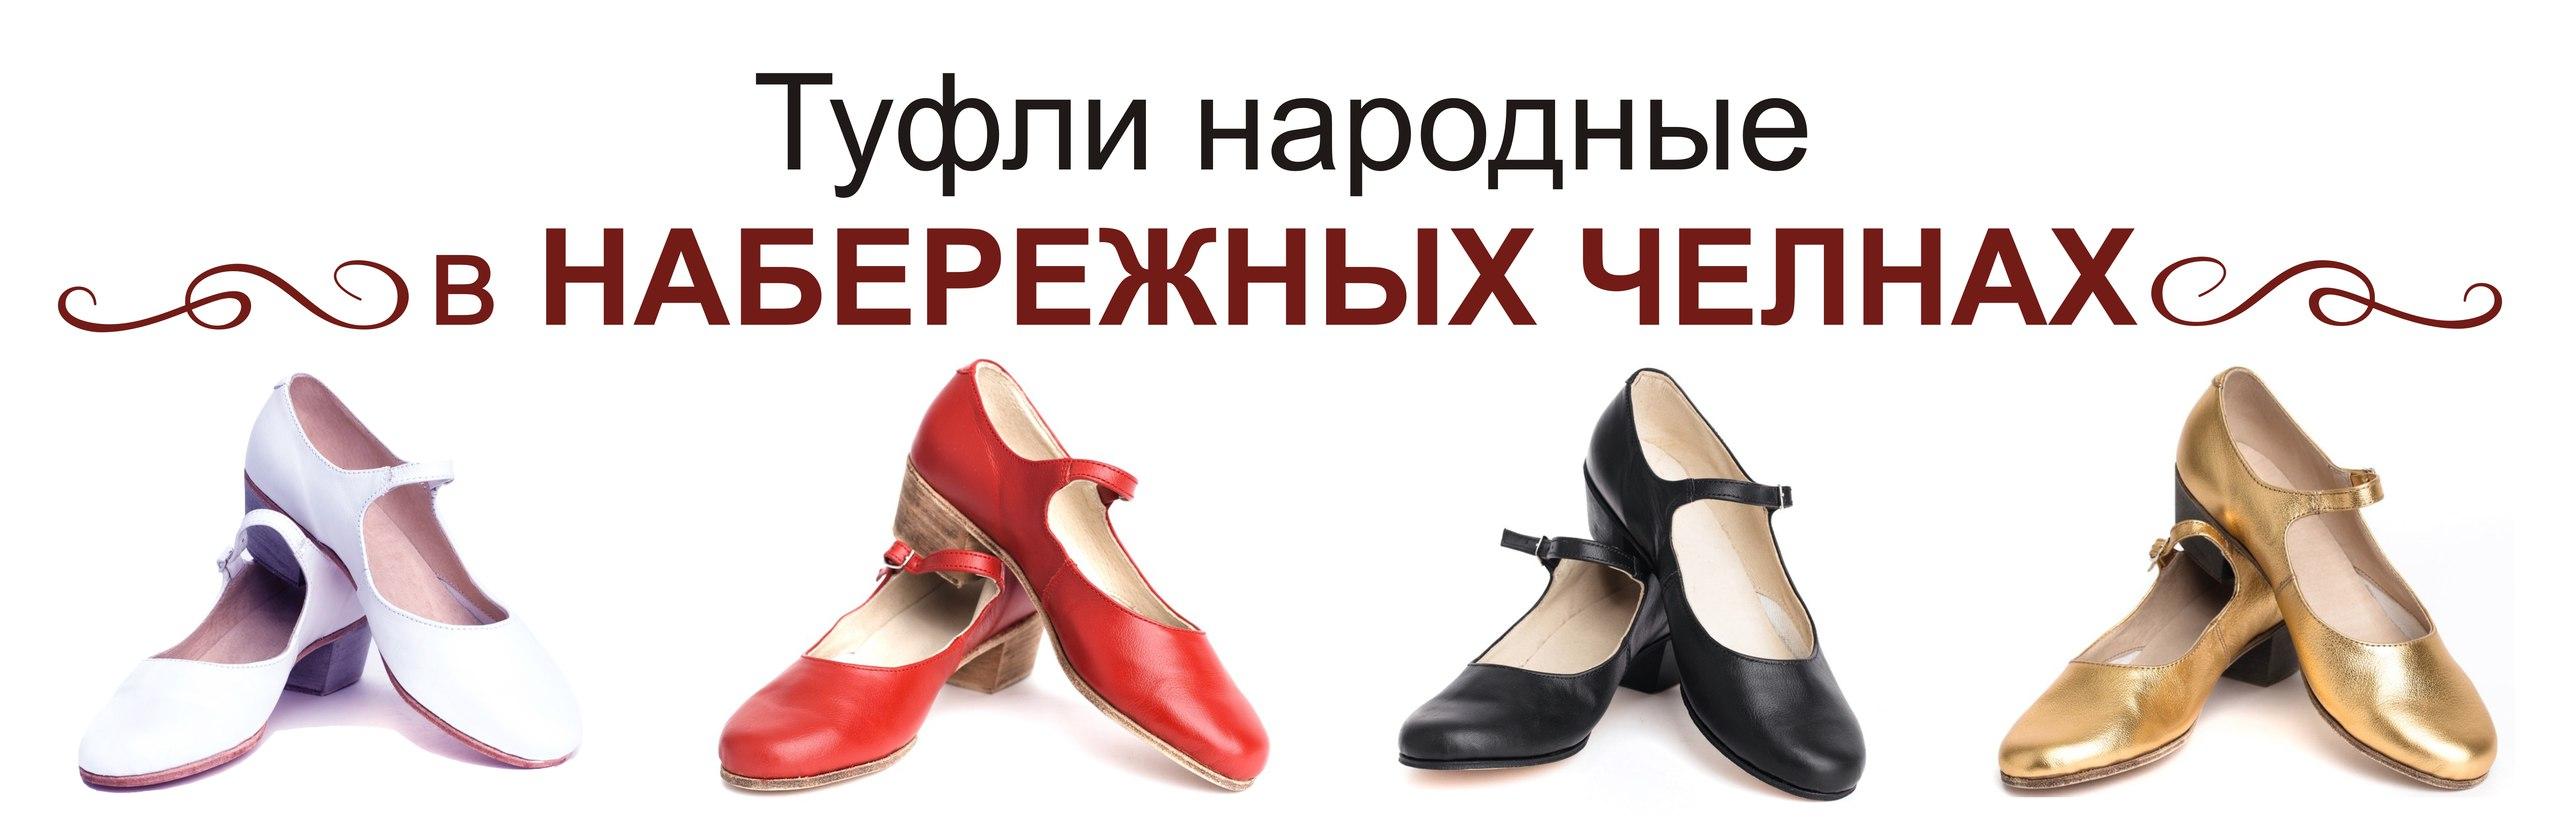 Туфли народные Набережные Челны